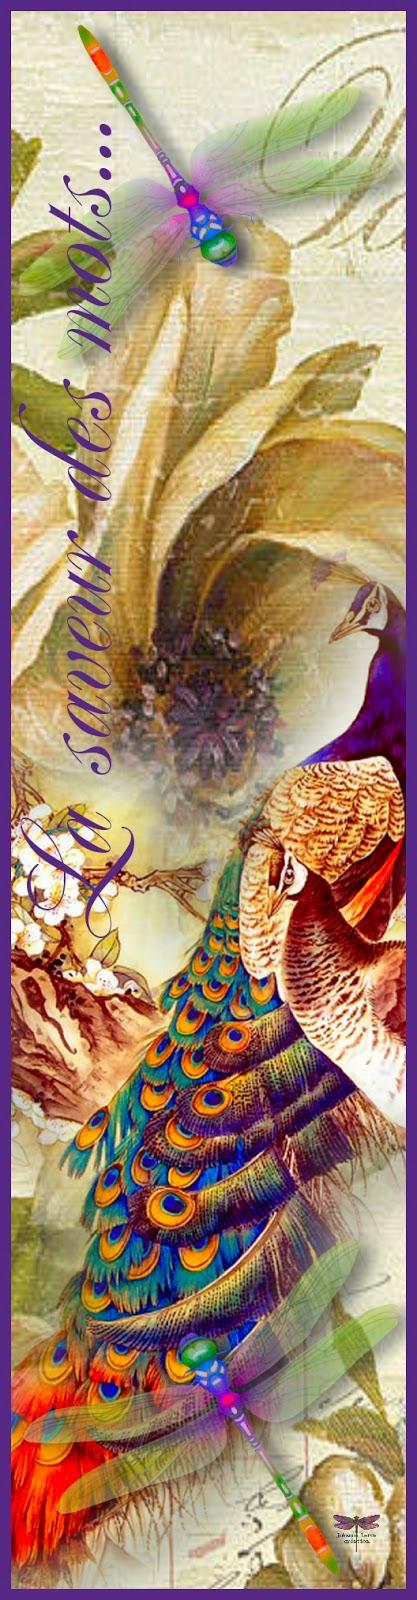 http://2.bp.blogspot.com/-Tk8C0z8GM0Q/U9ZUMZIdtxI/AAAAAAAAFp8/_OtZI2HmTo8/s1600/JohL_MS_SignetRomance5.jpg